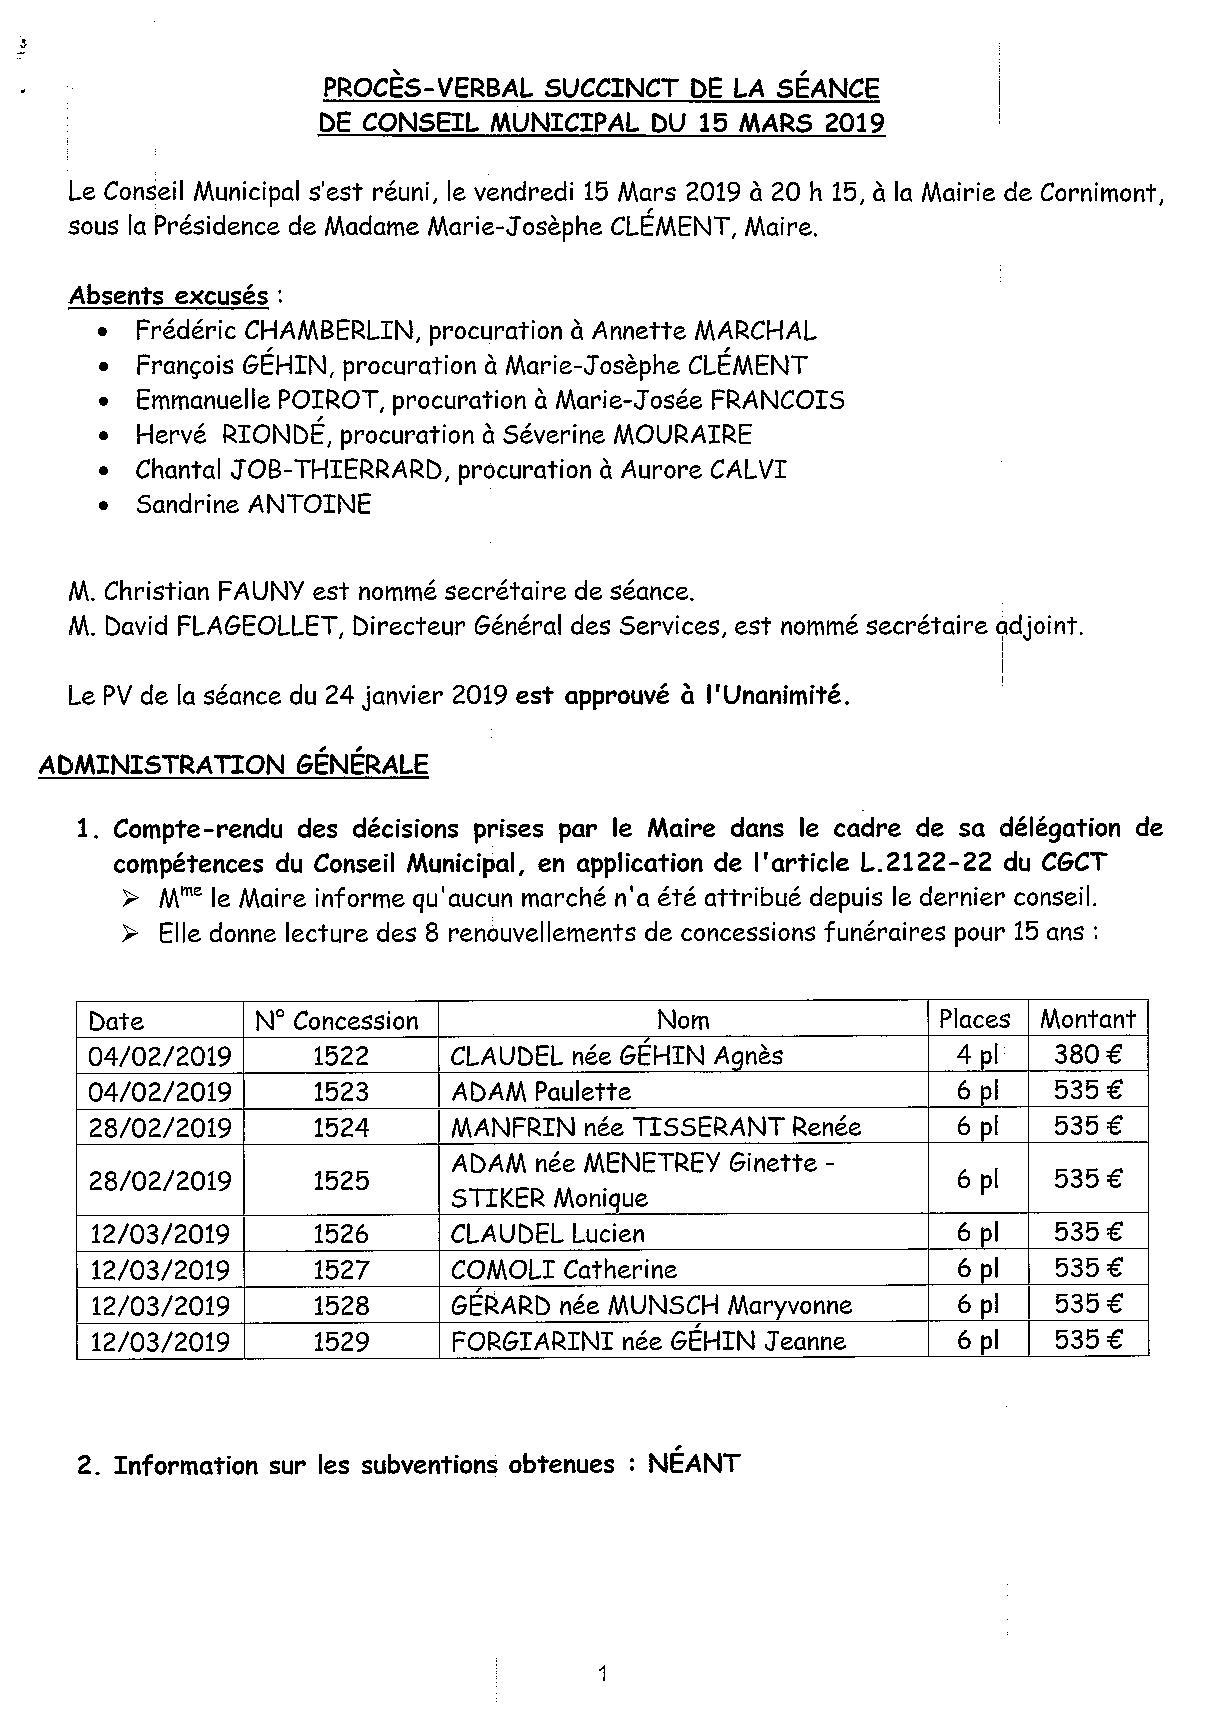 CR CONSEIL MUNICIPAL du 15.03.2019-page-001